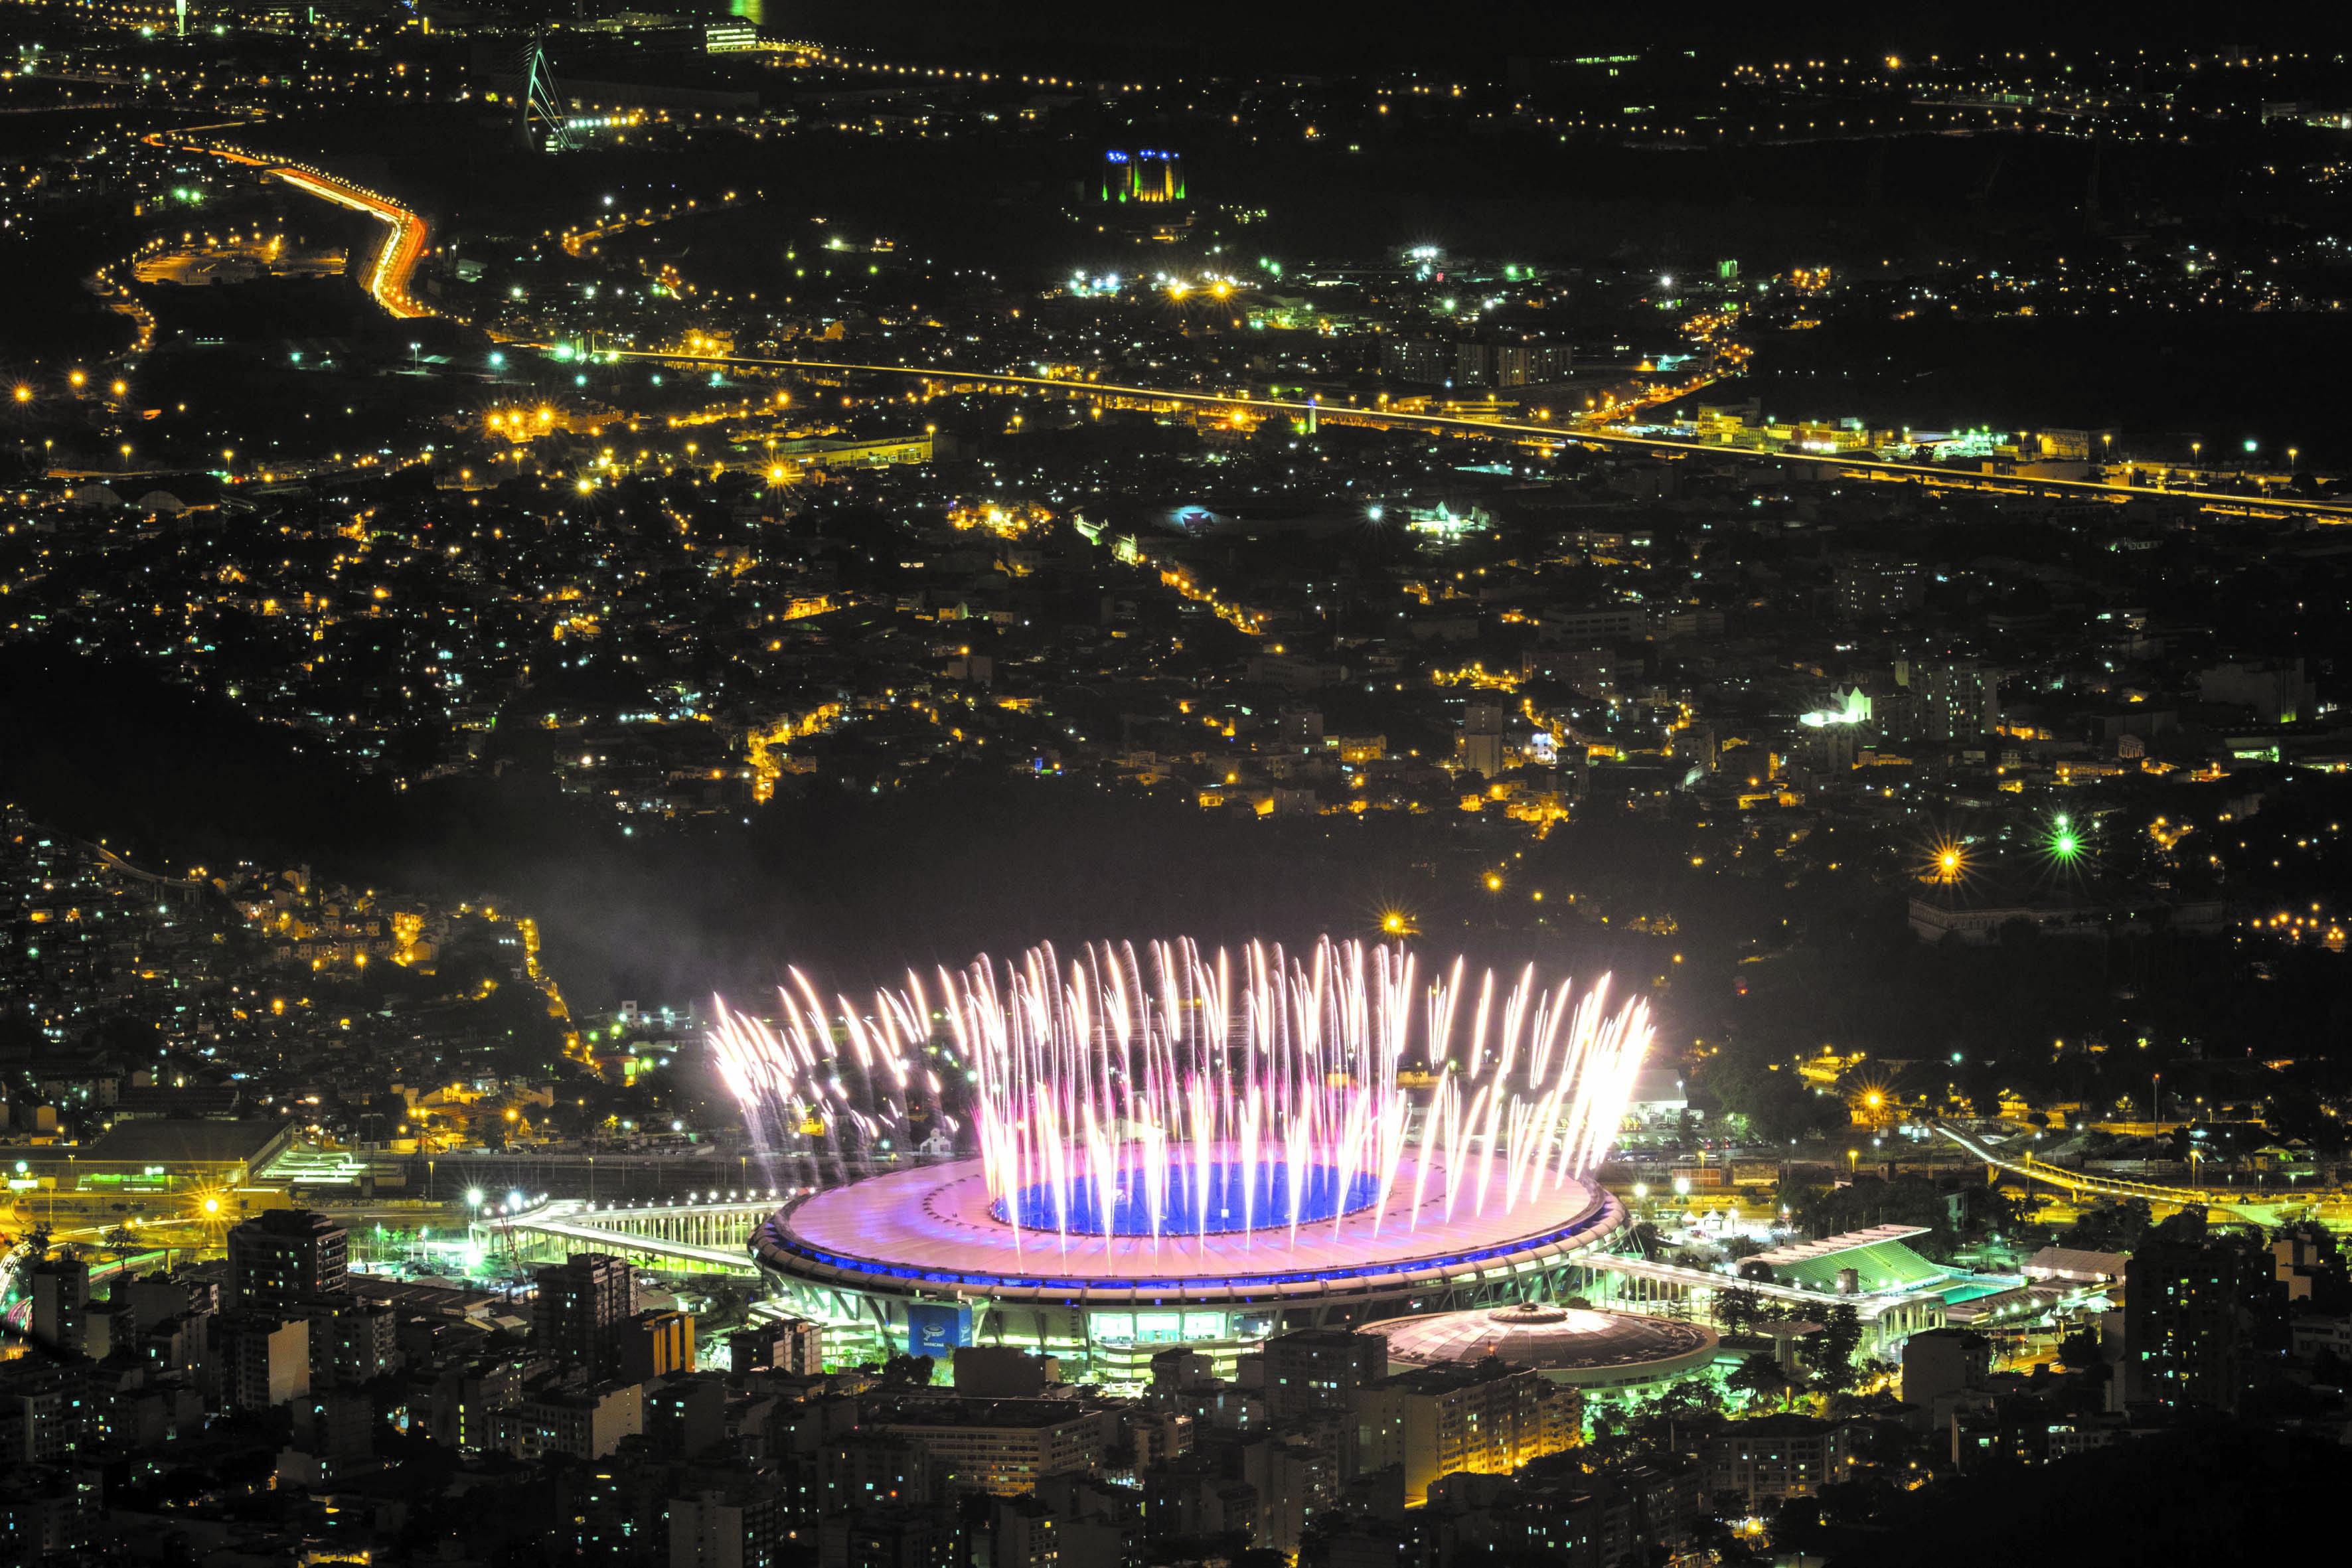 Rio promet la plus grande fête jamais organisée au Brésil  Le légendaire Maracana transformé le temps d'une soirée en ''sambodrome'' lors de la cérémonie d'ouverture des JO-2016